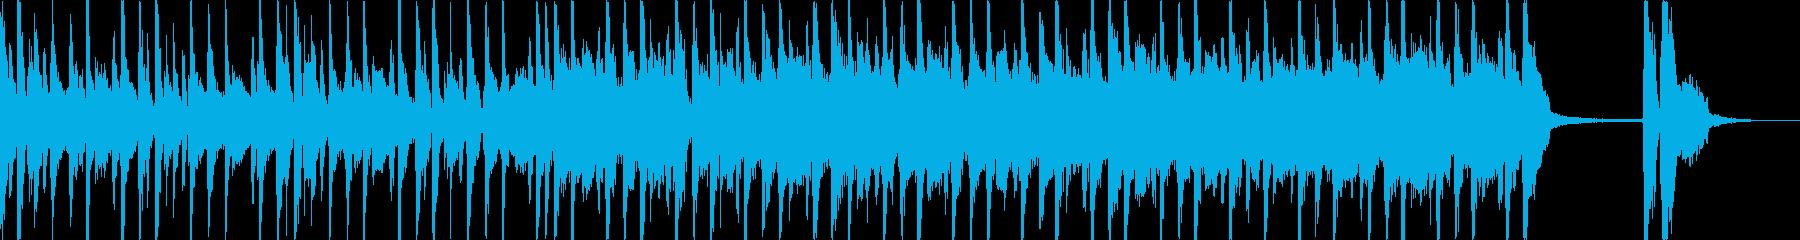 シンセとドラムによる軽快な曲の再生済みの波形